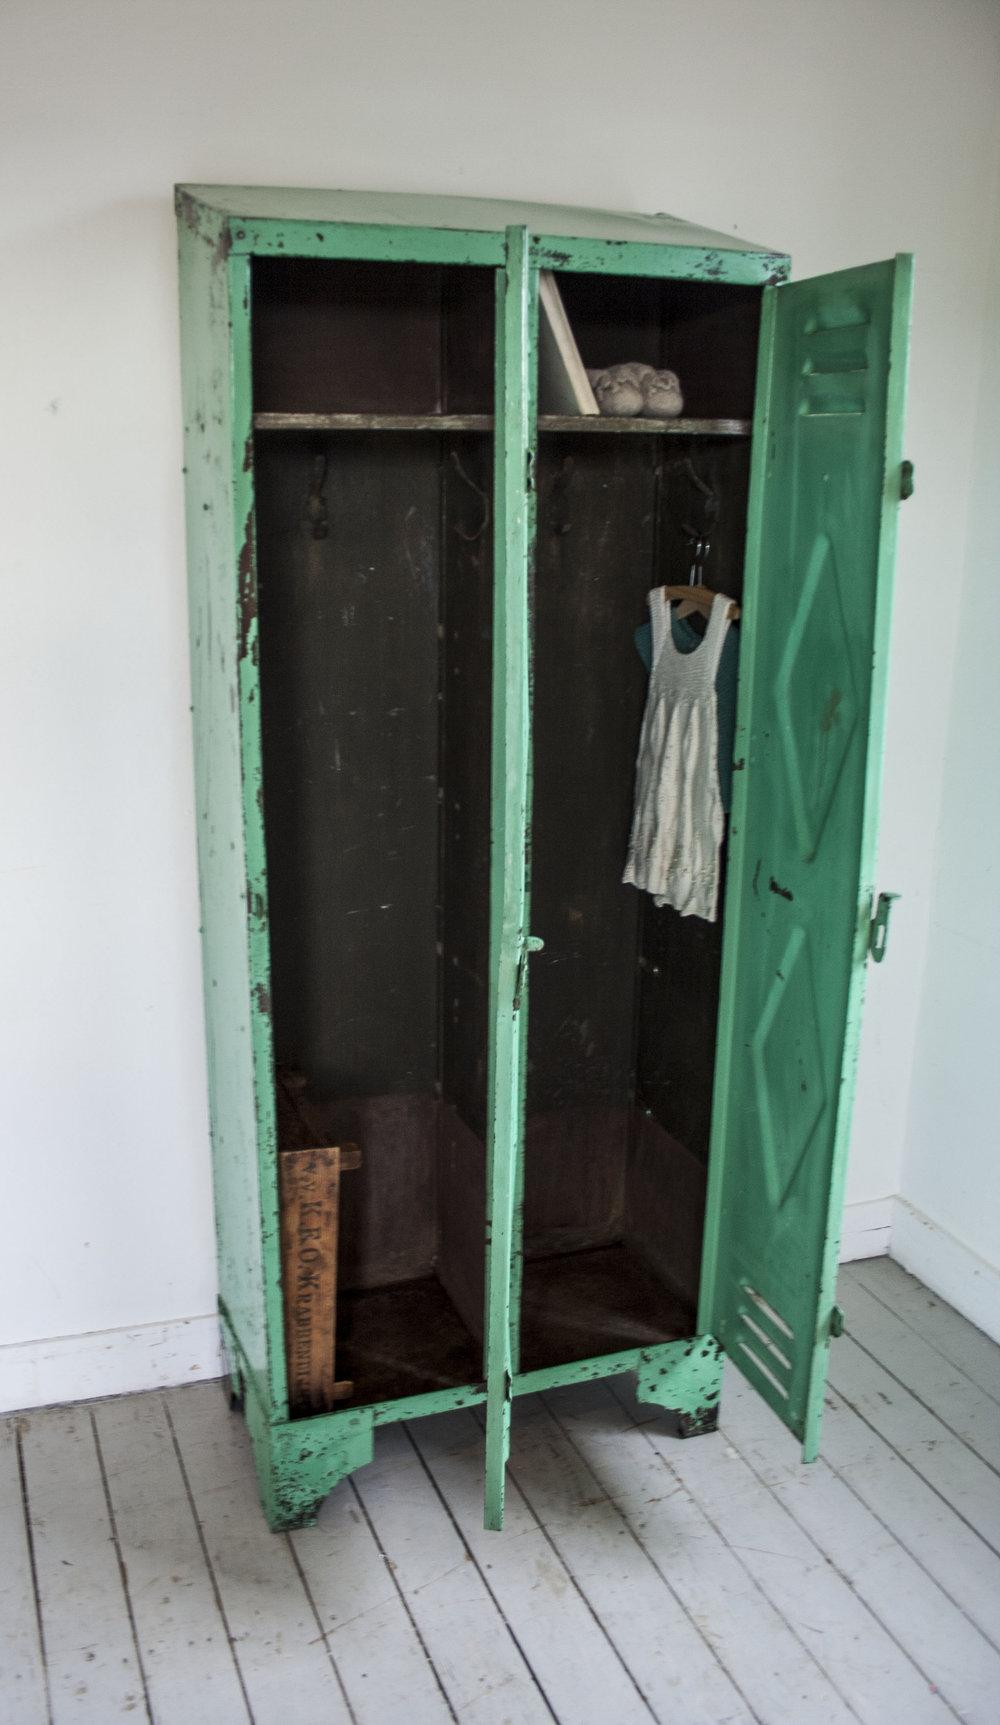 mintgroene locker 2 deuren_3.jpg